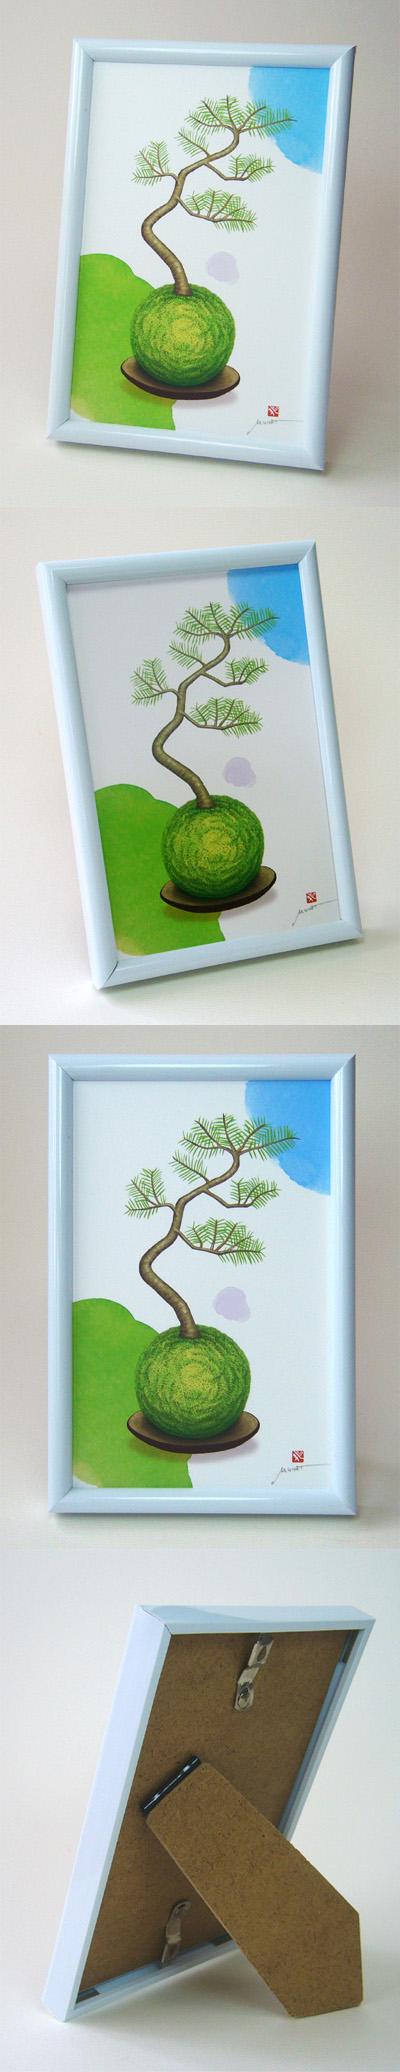 盆栽の絵 インテリア ギフト